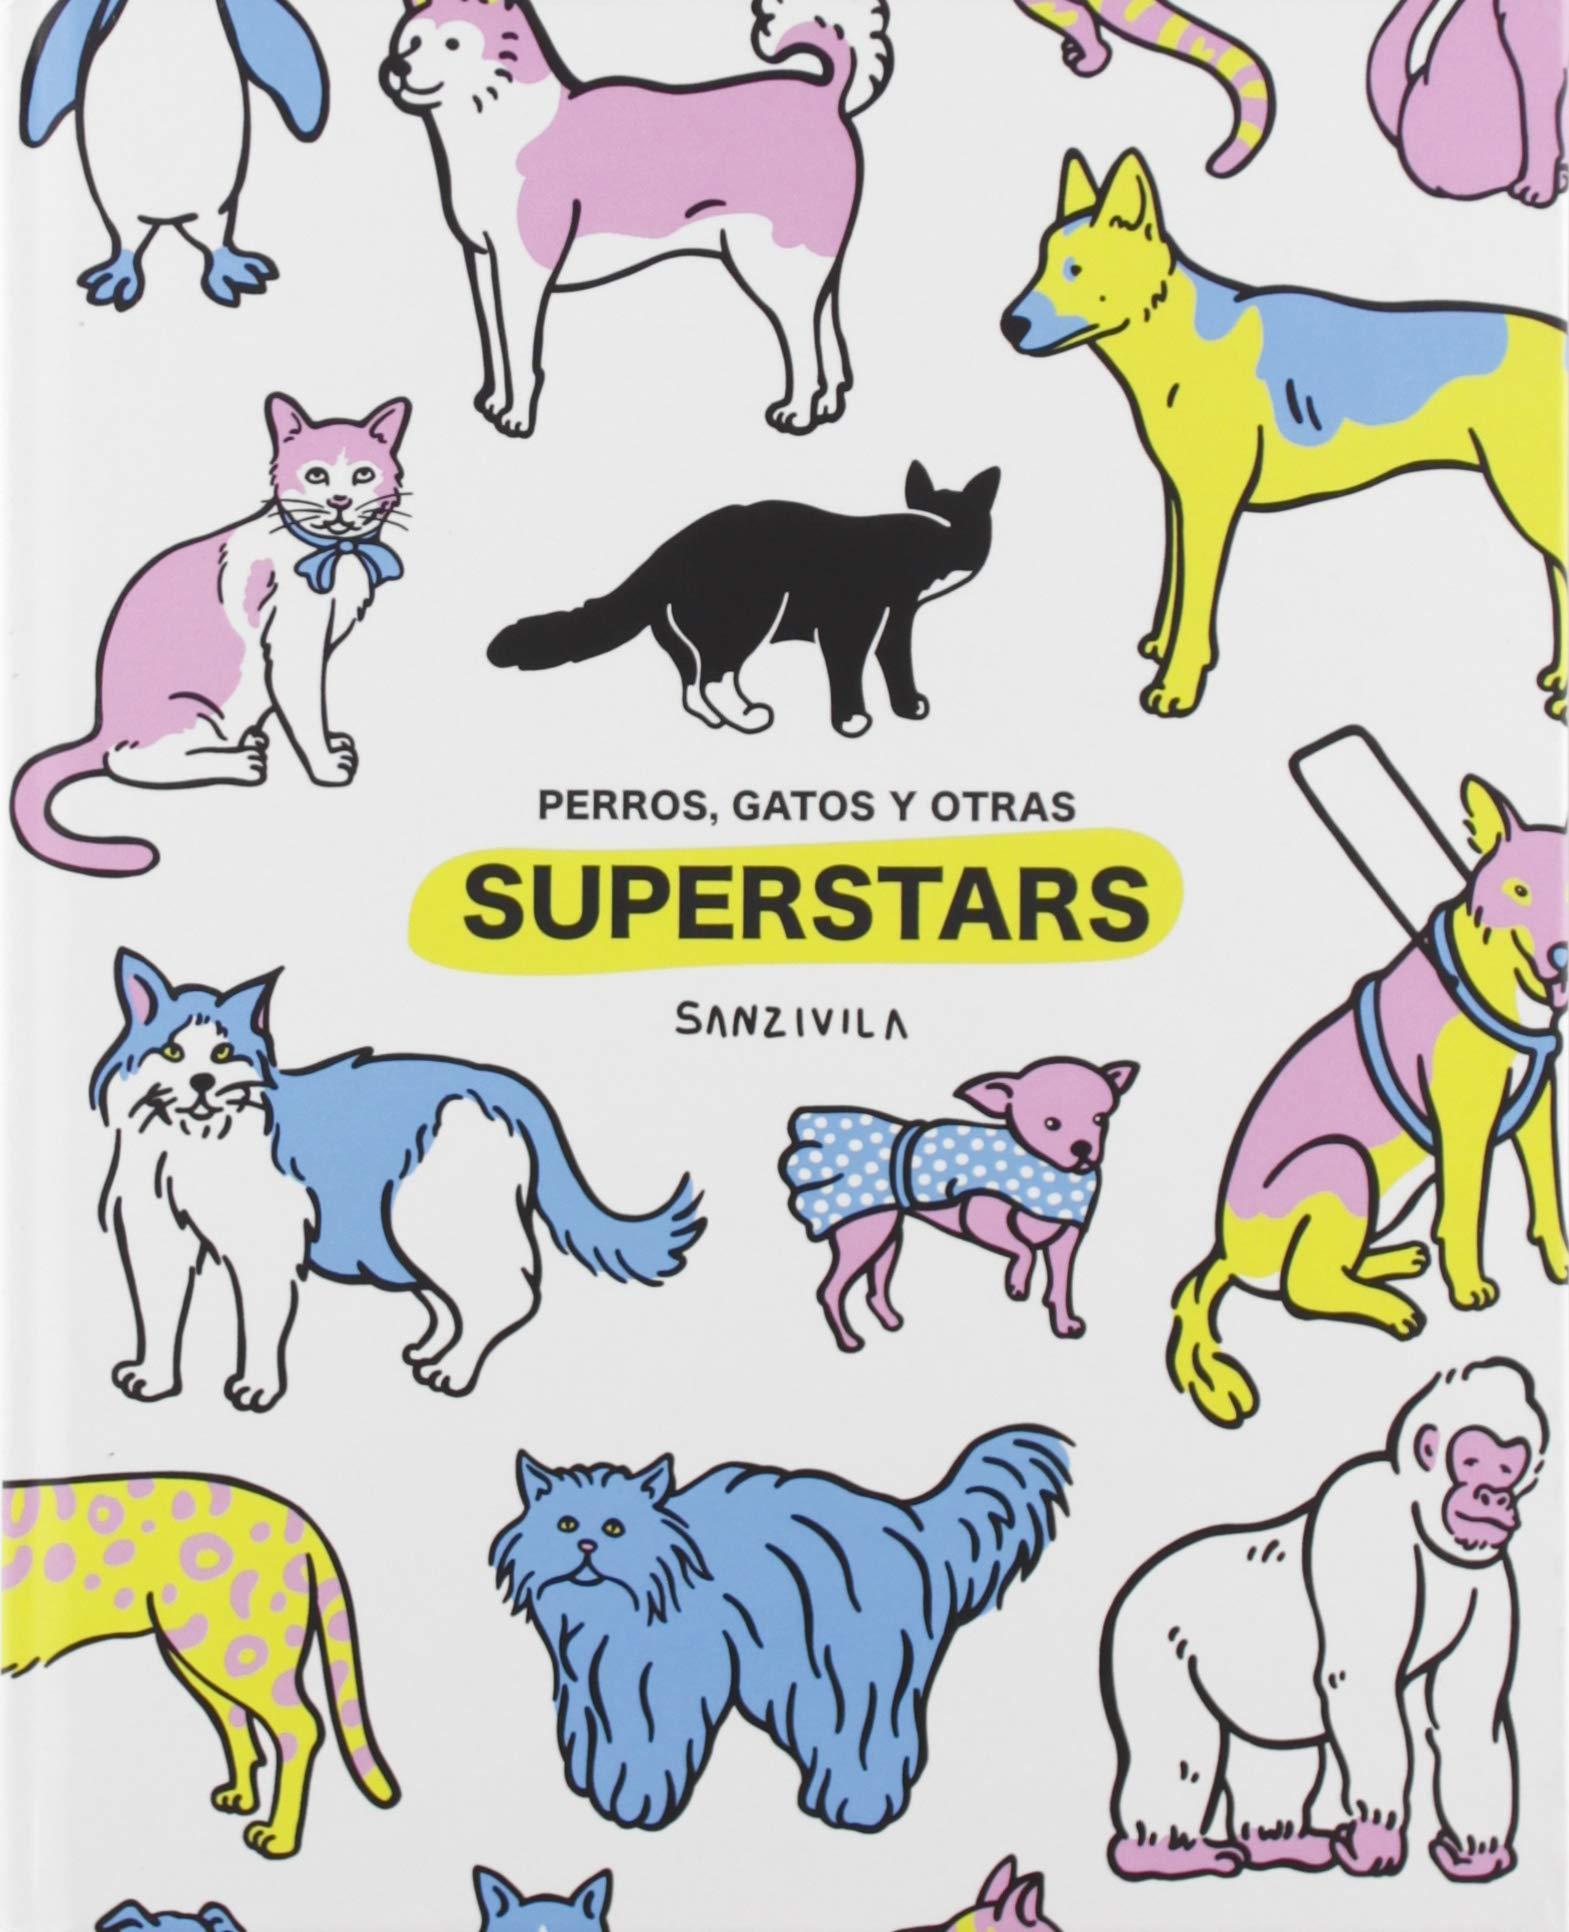 Perro, Gato y Otras SUPERSTARS: Amazon.es: Pau Sanz Vila: Libros